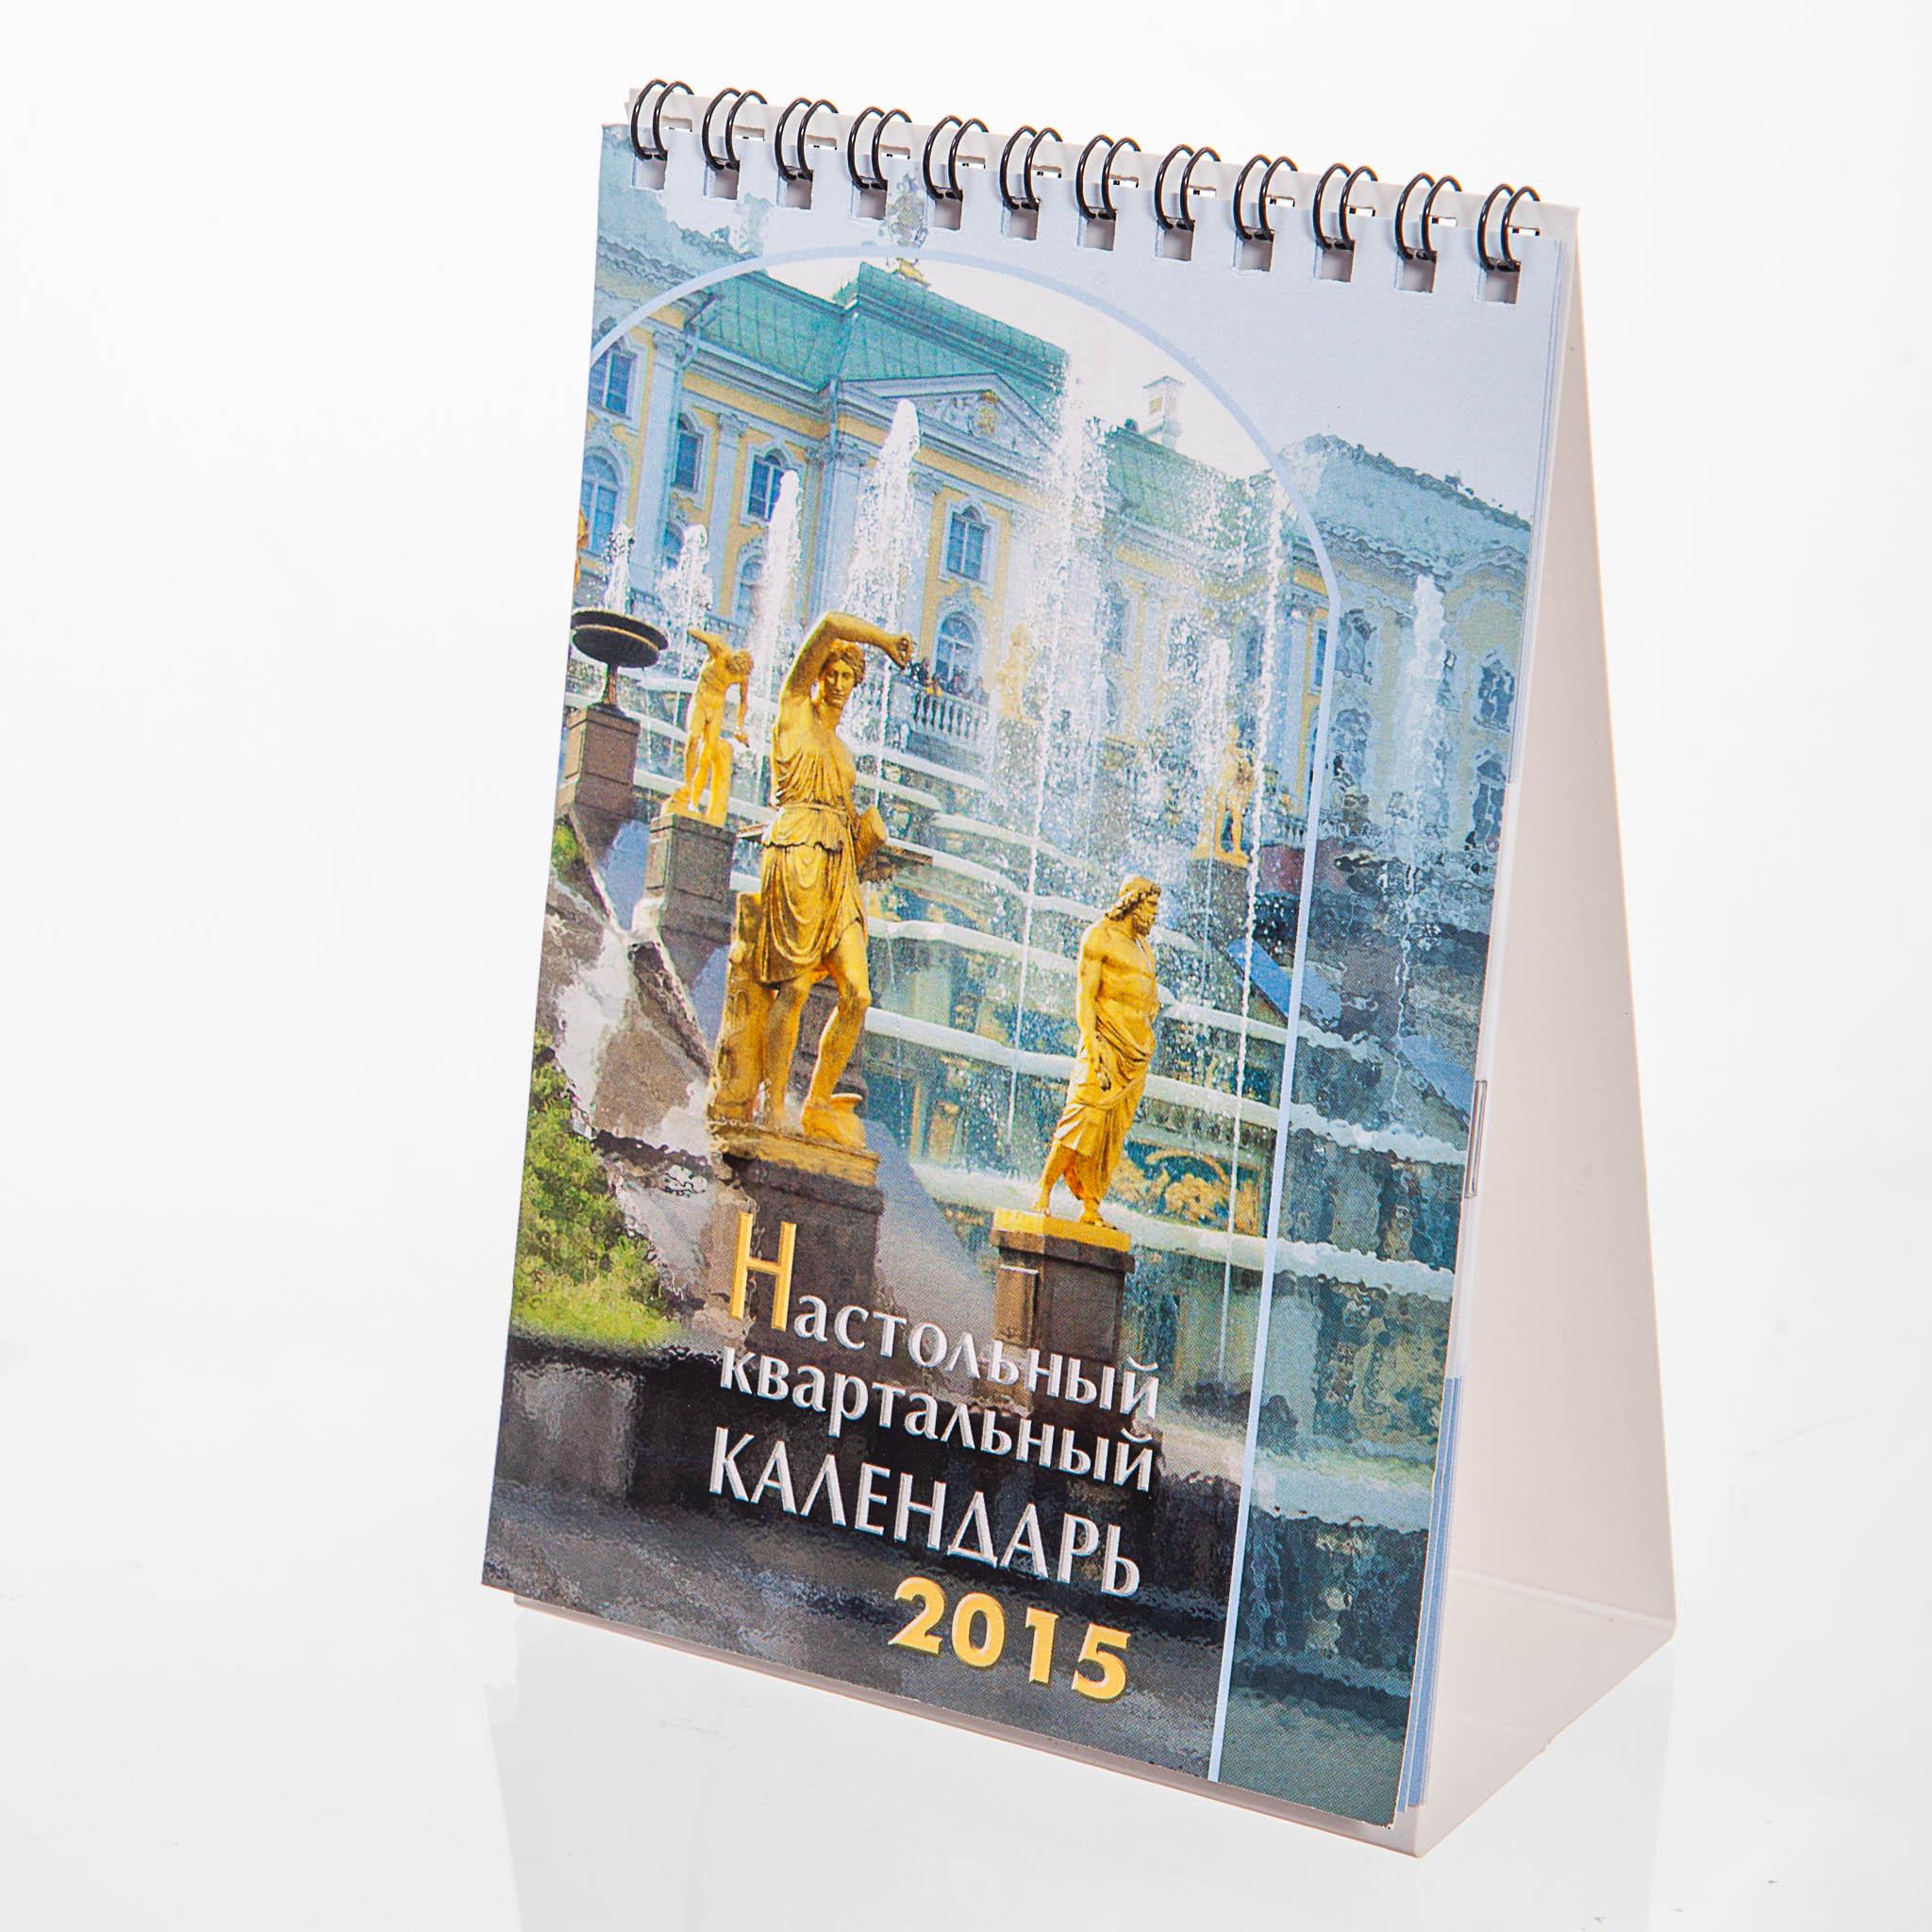 Обложка квартального календаря с Петергофом